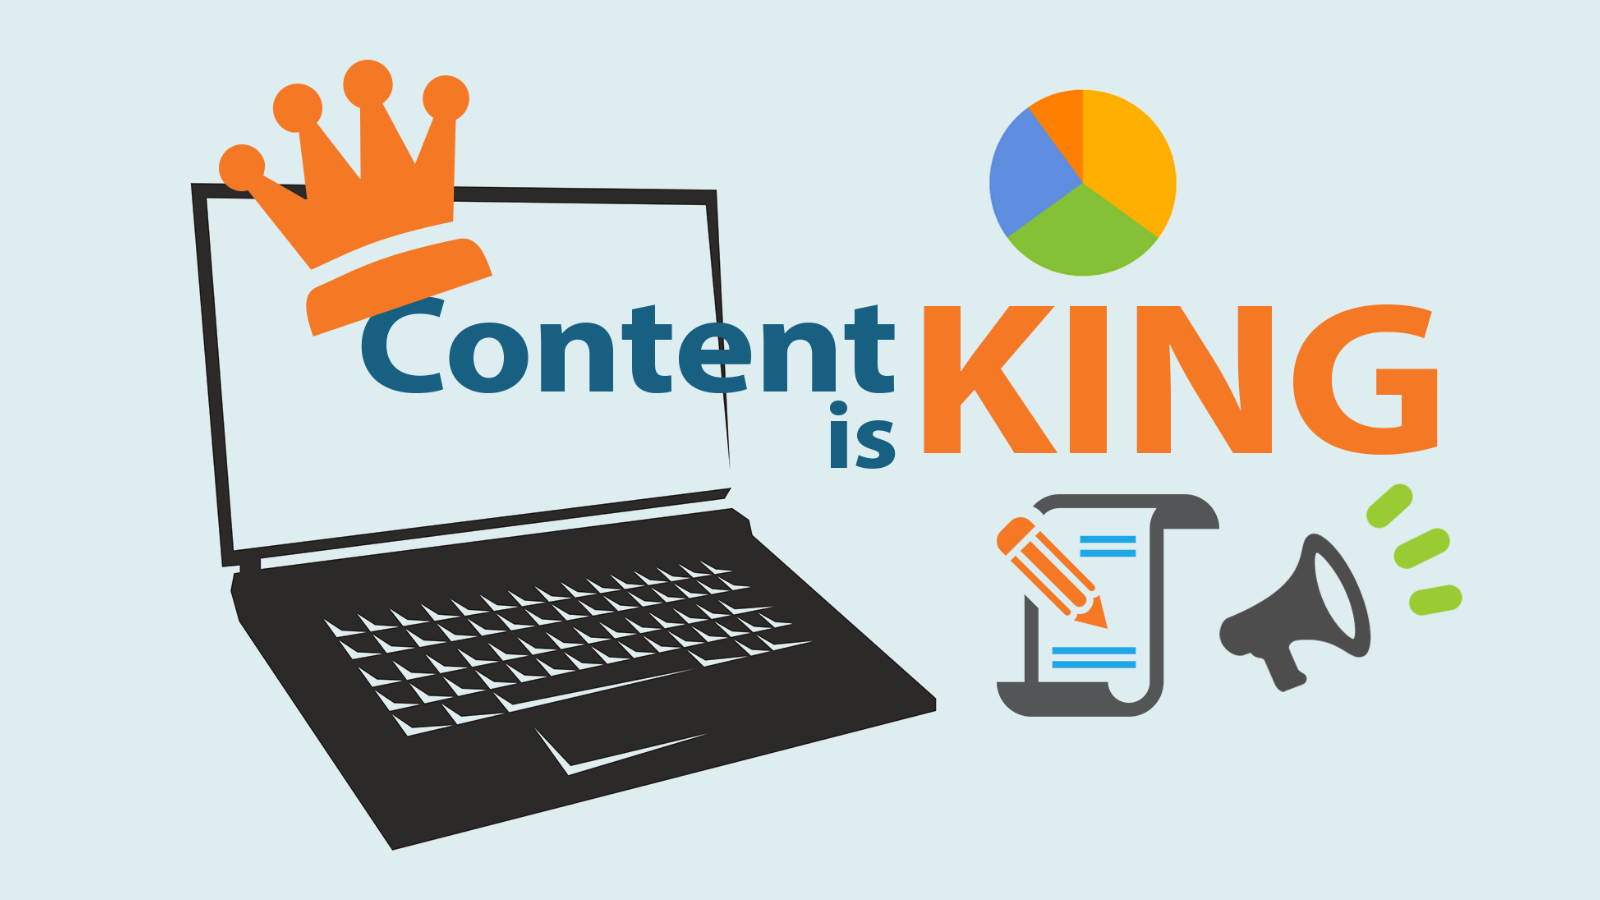 Картинка с надписью Content is king